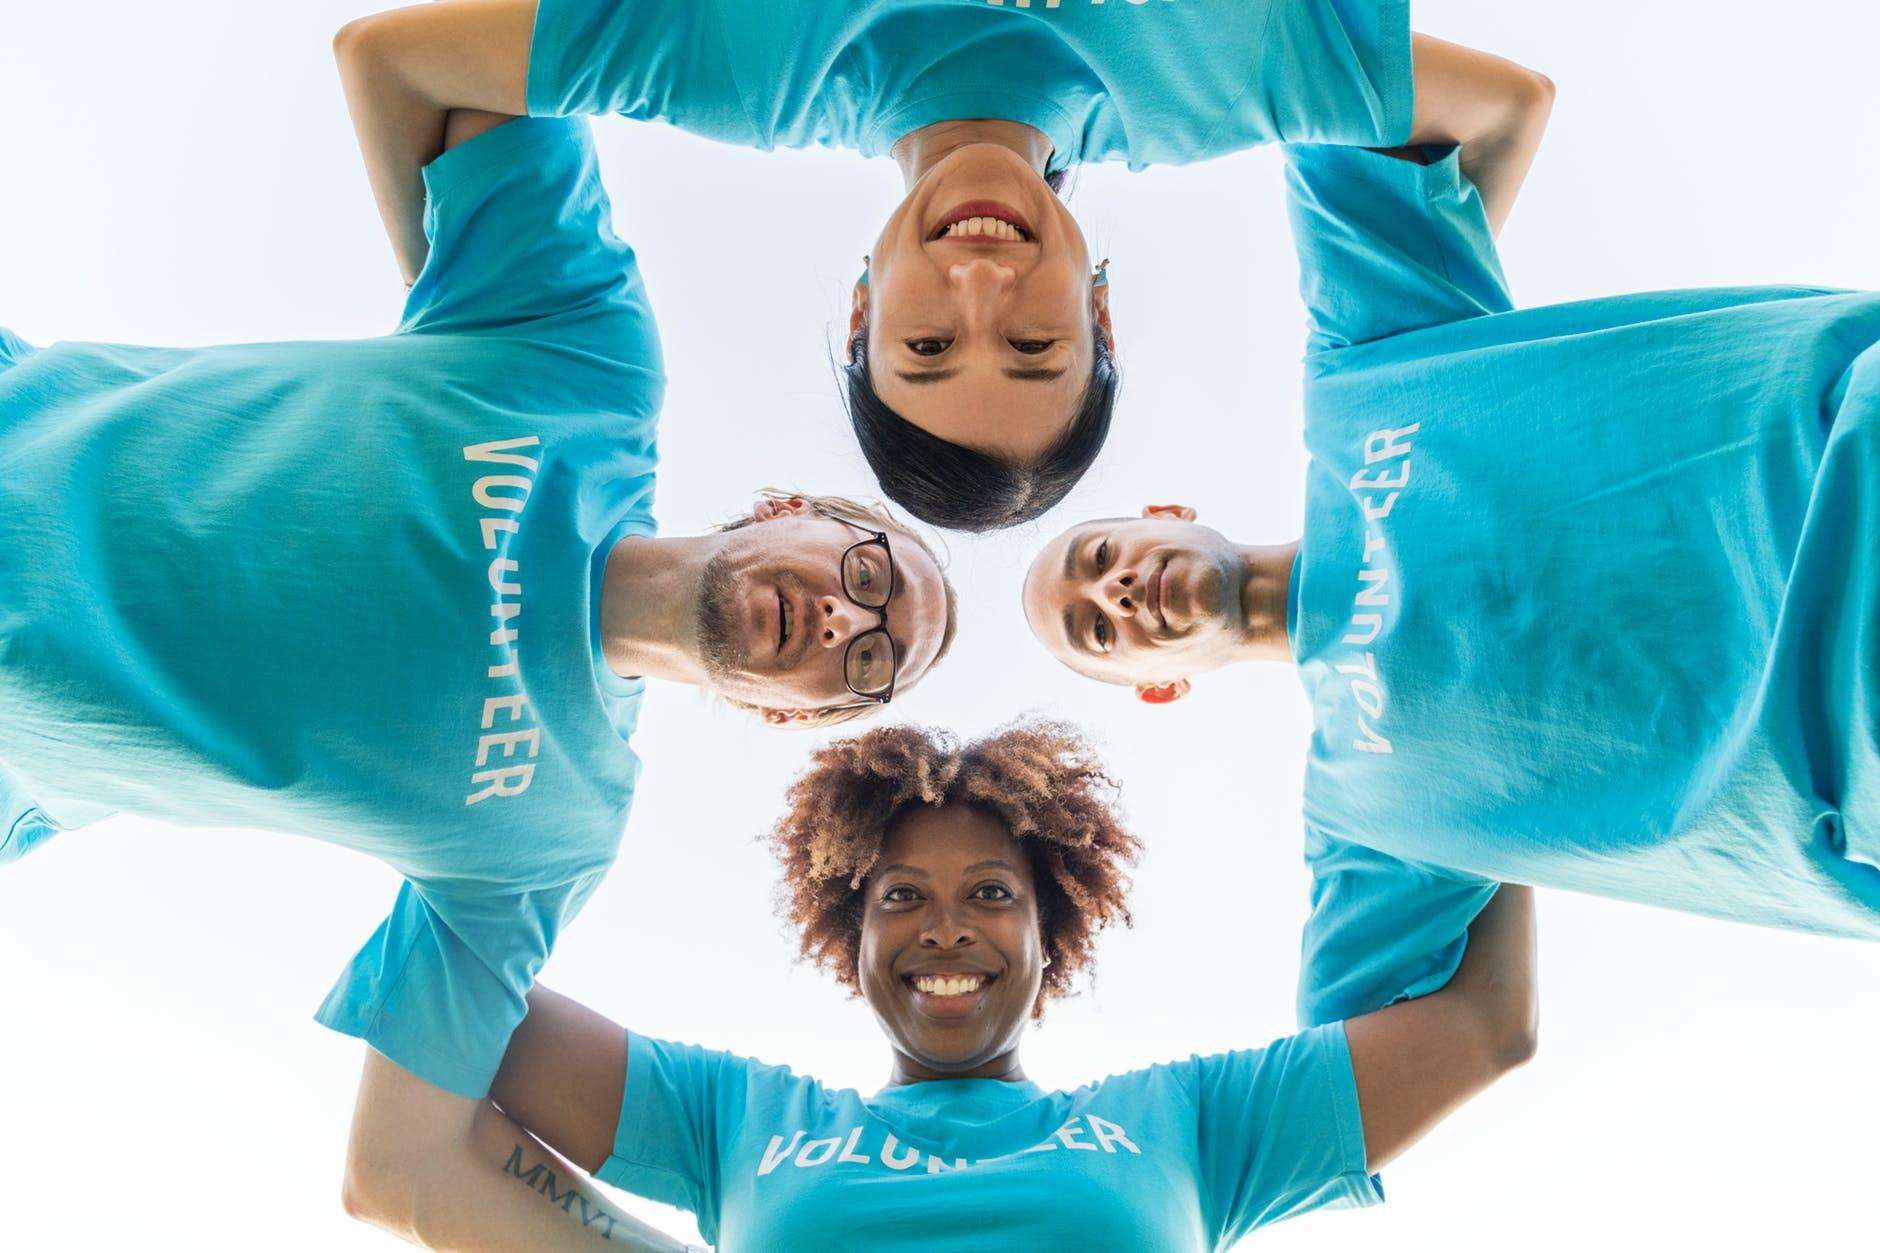 Managing Volunteer risks